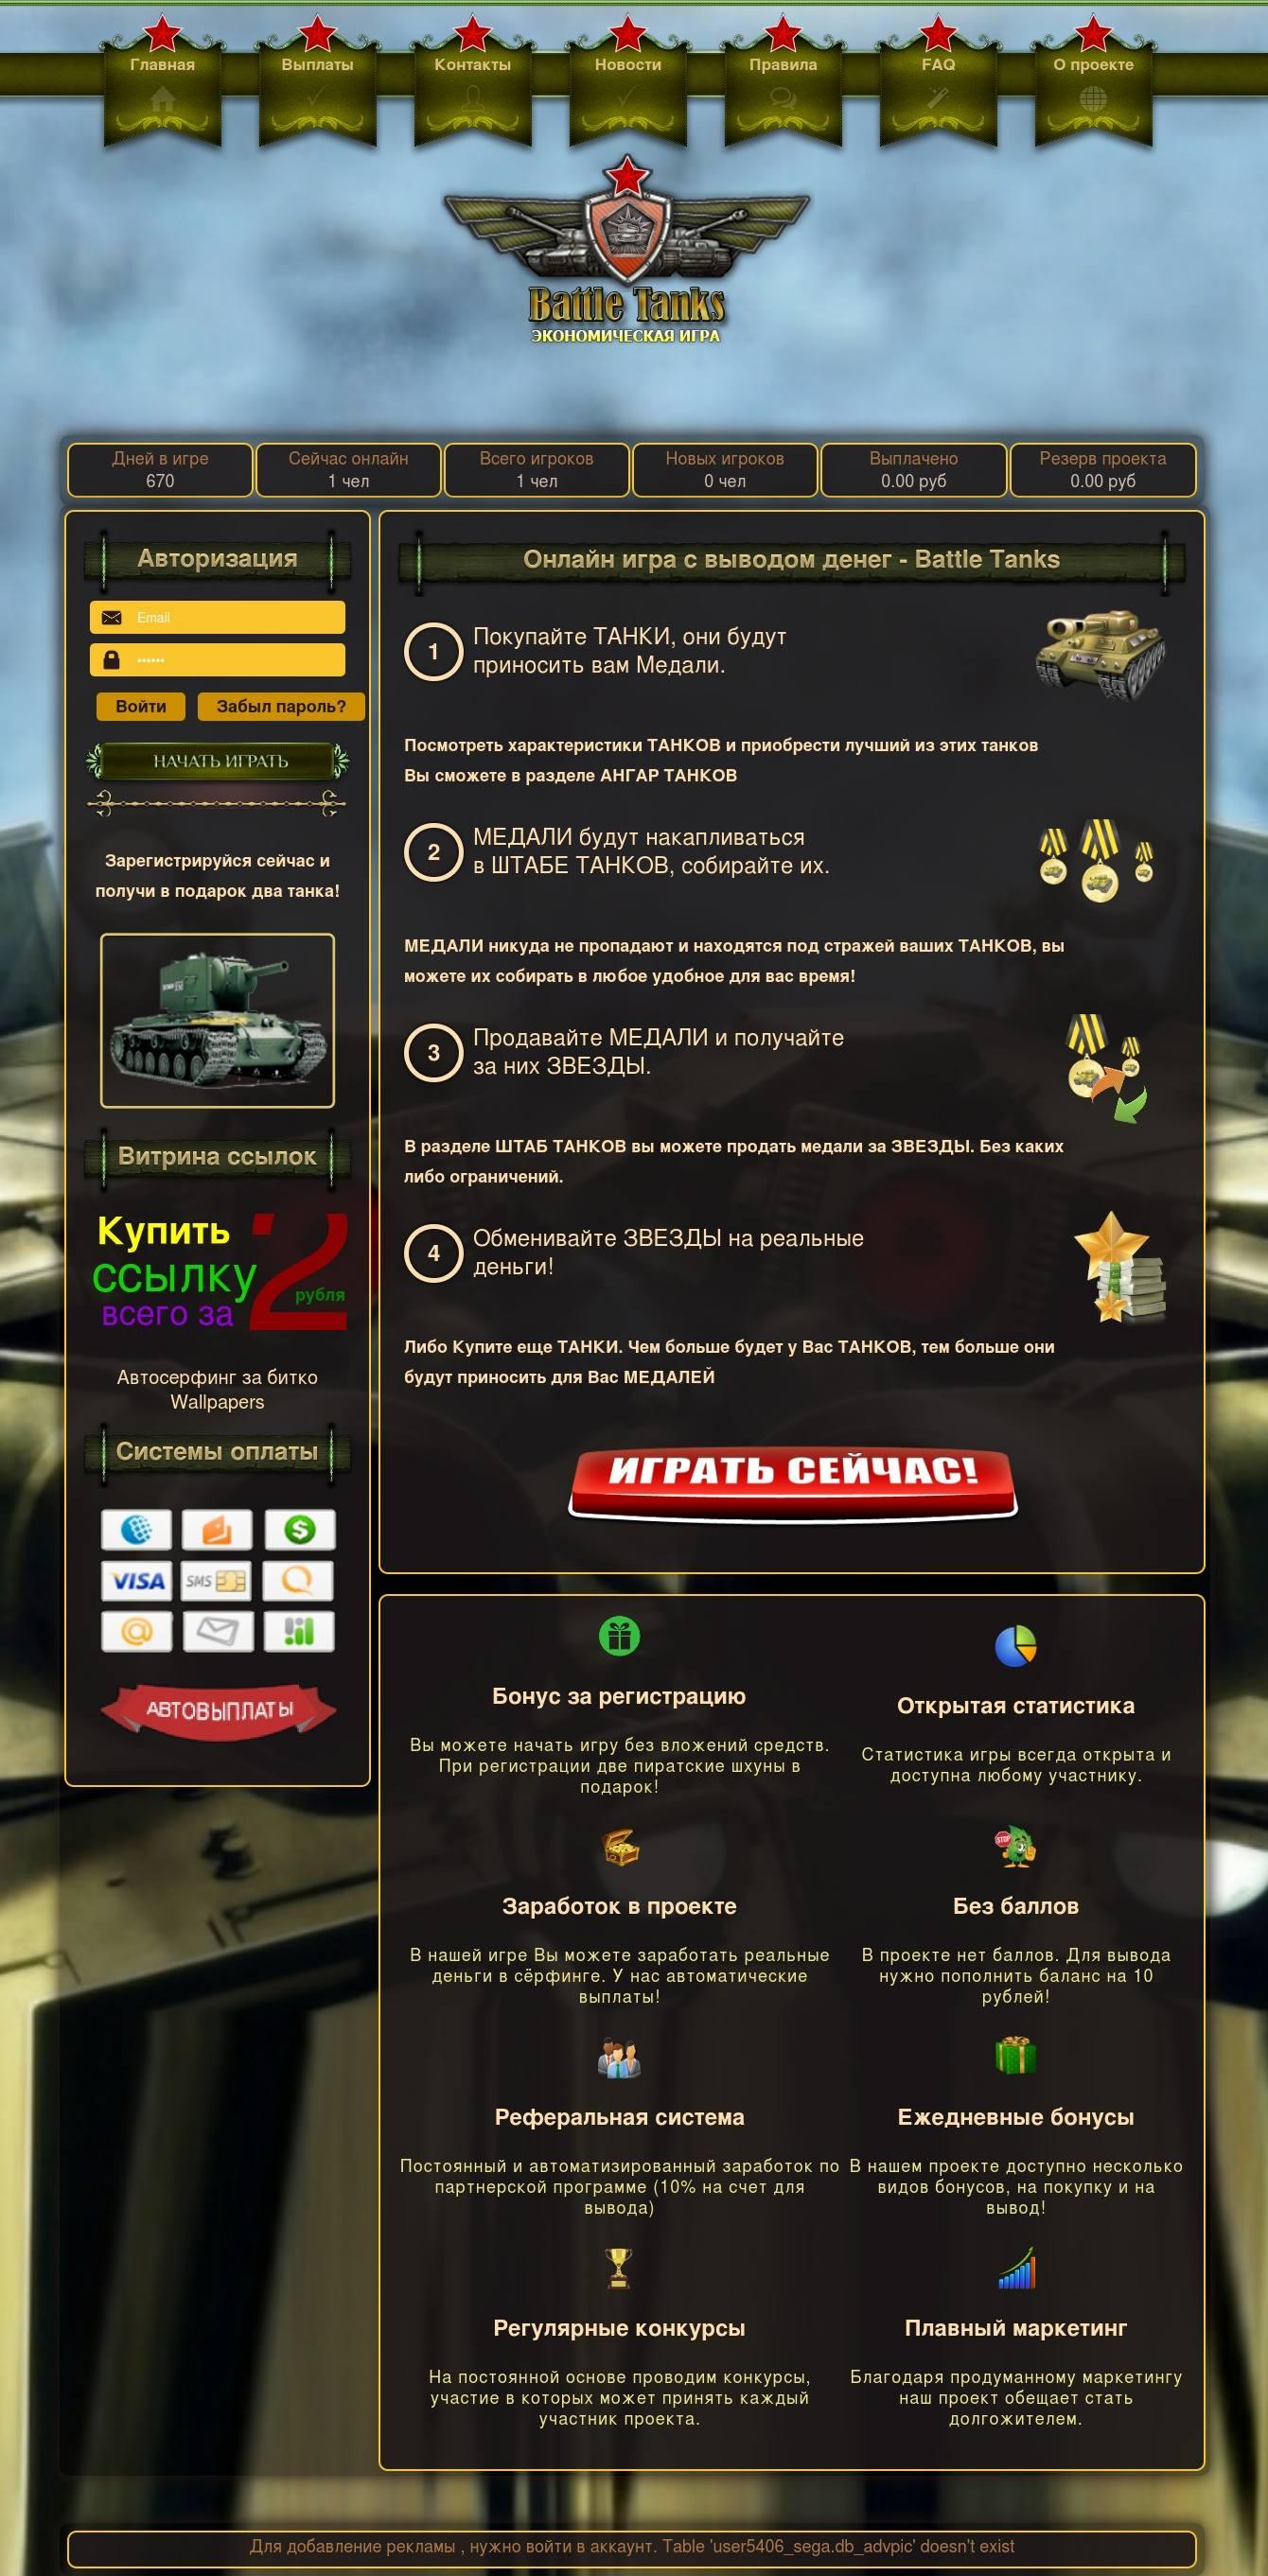 Скрипт игры Battle Tanks